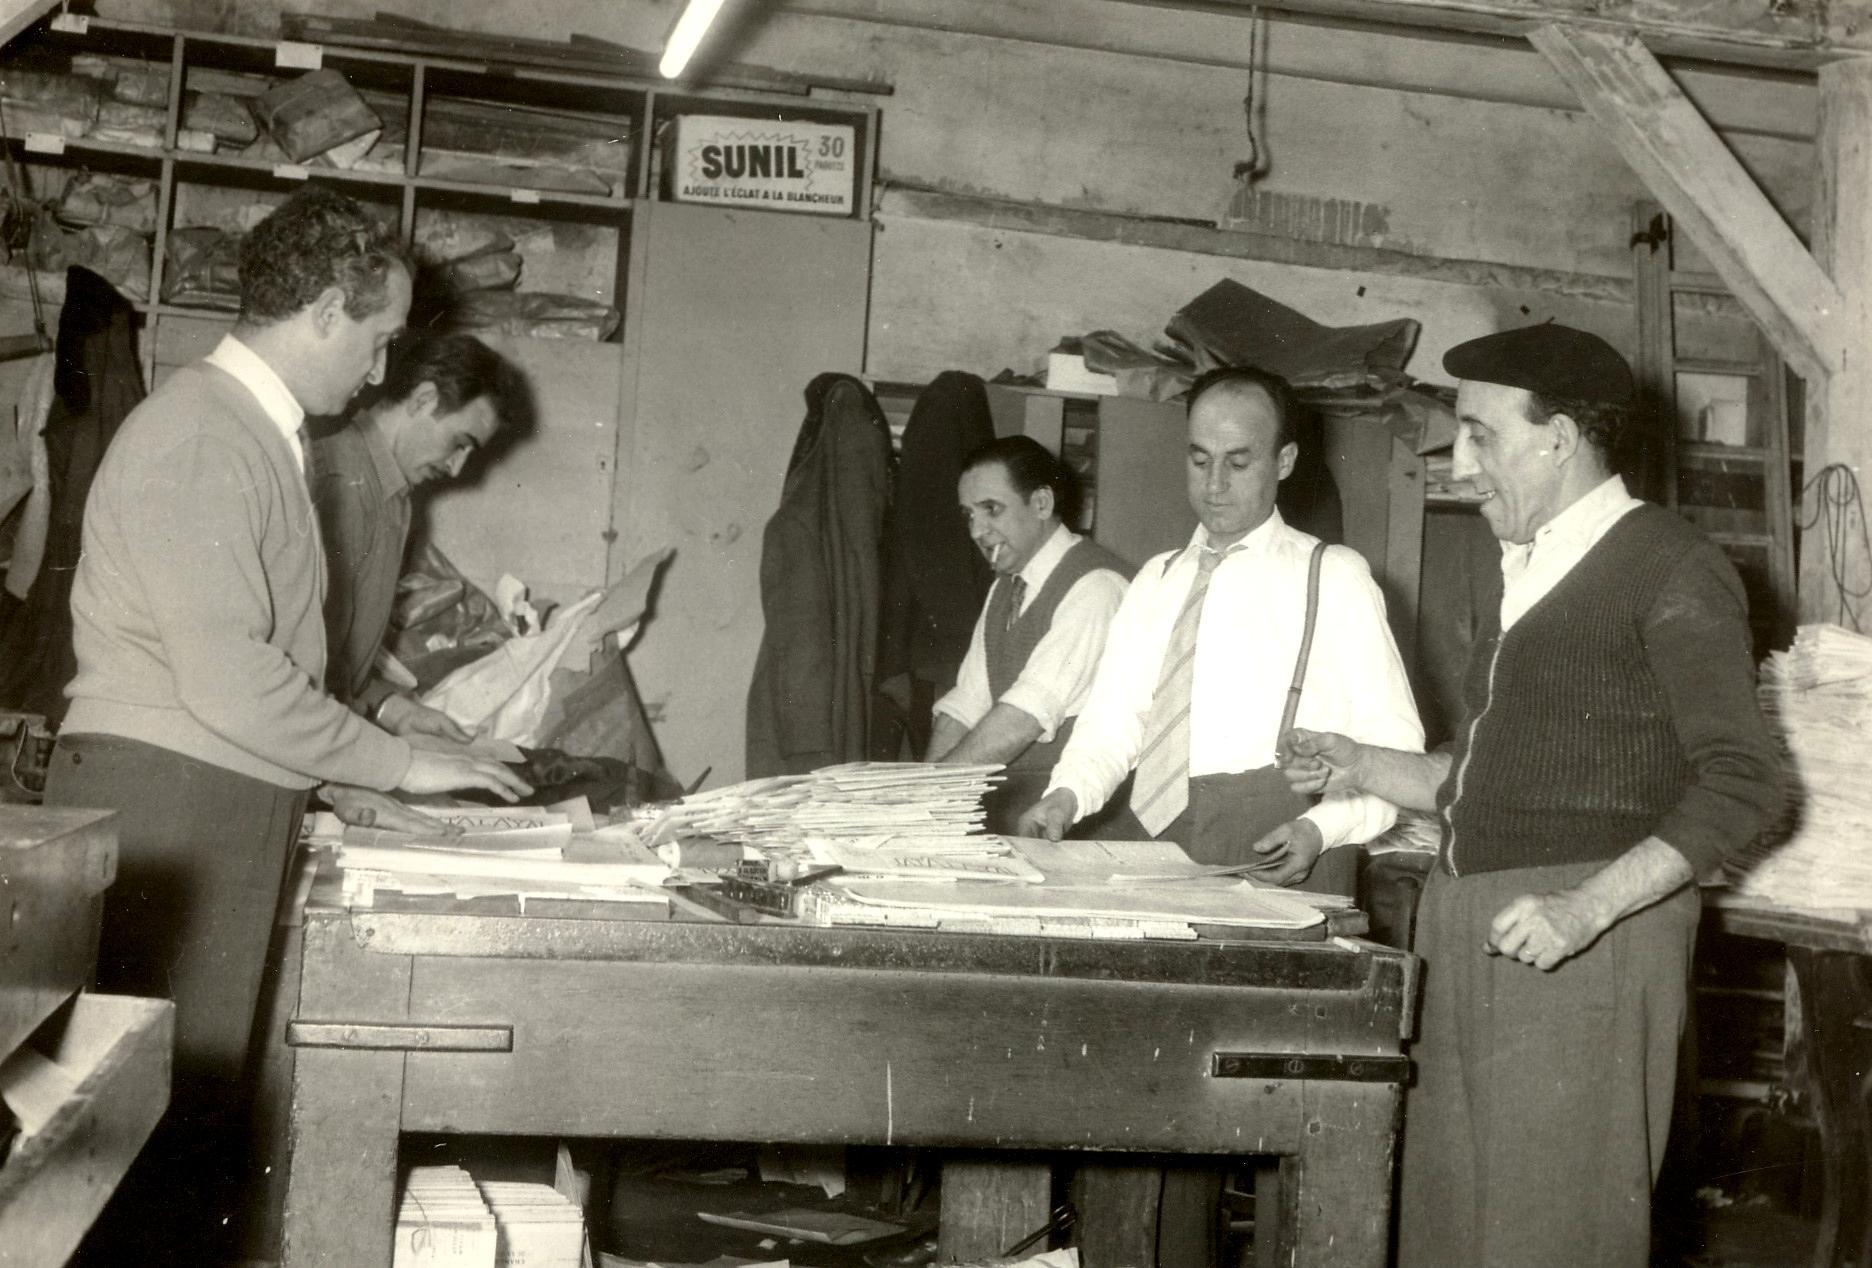 """Confeccionant el periòdic """"Atalaya"""". D'esquerra a dreta: José Dueso, Antoni Téllez, Fernando Gómez Peláez, José Muñoz i Molinos (1958)"""